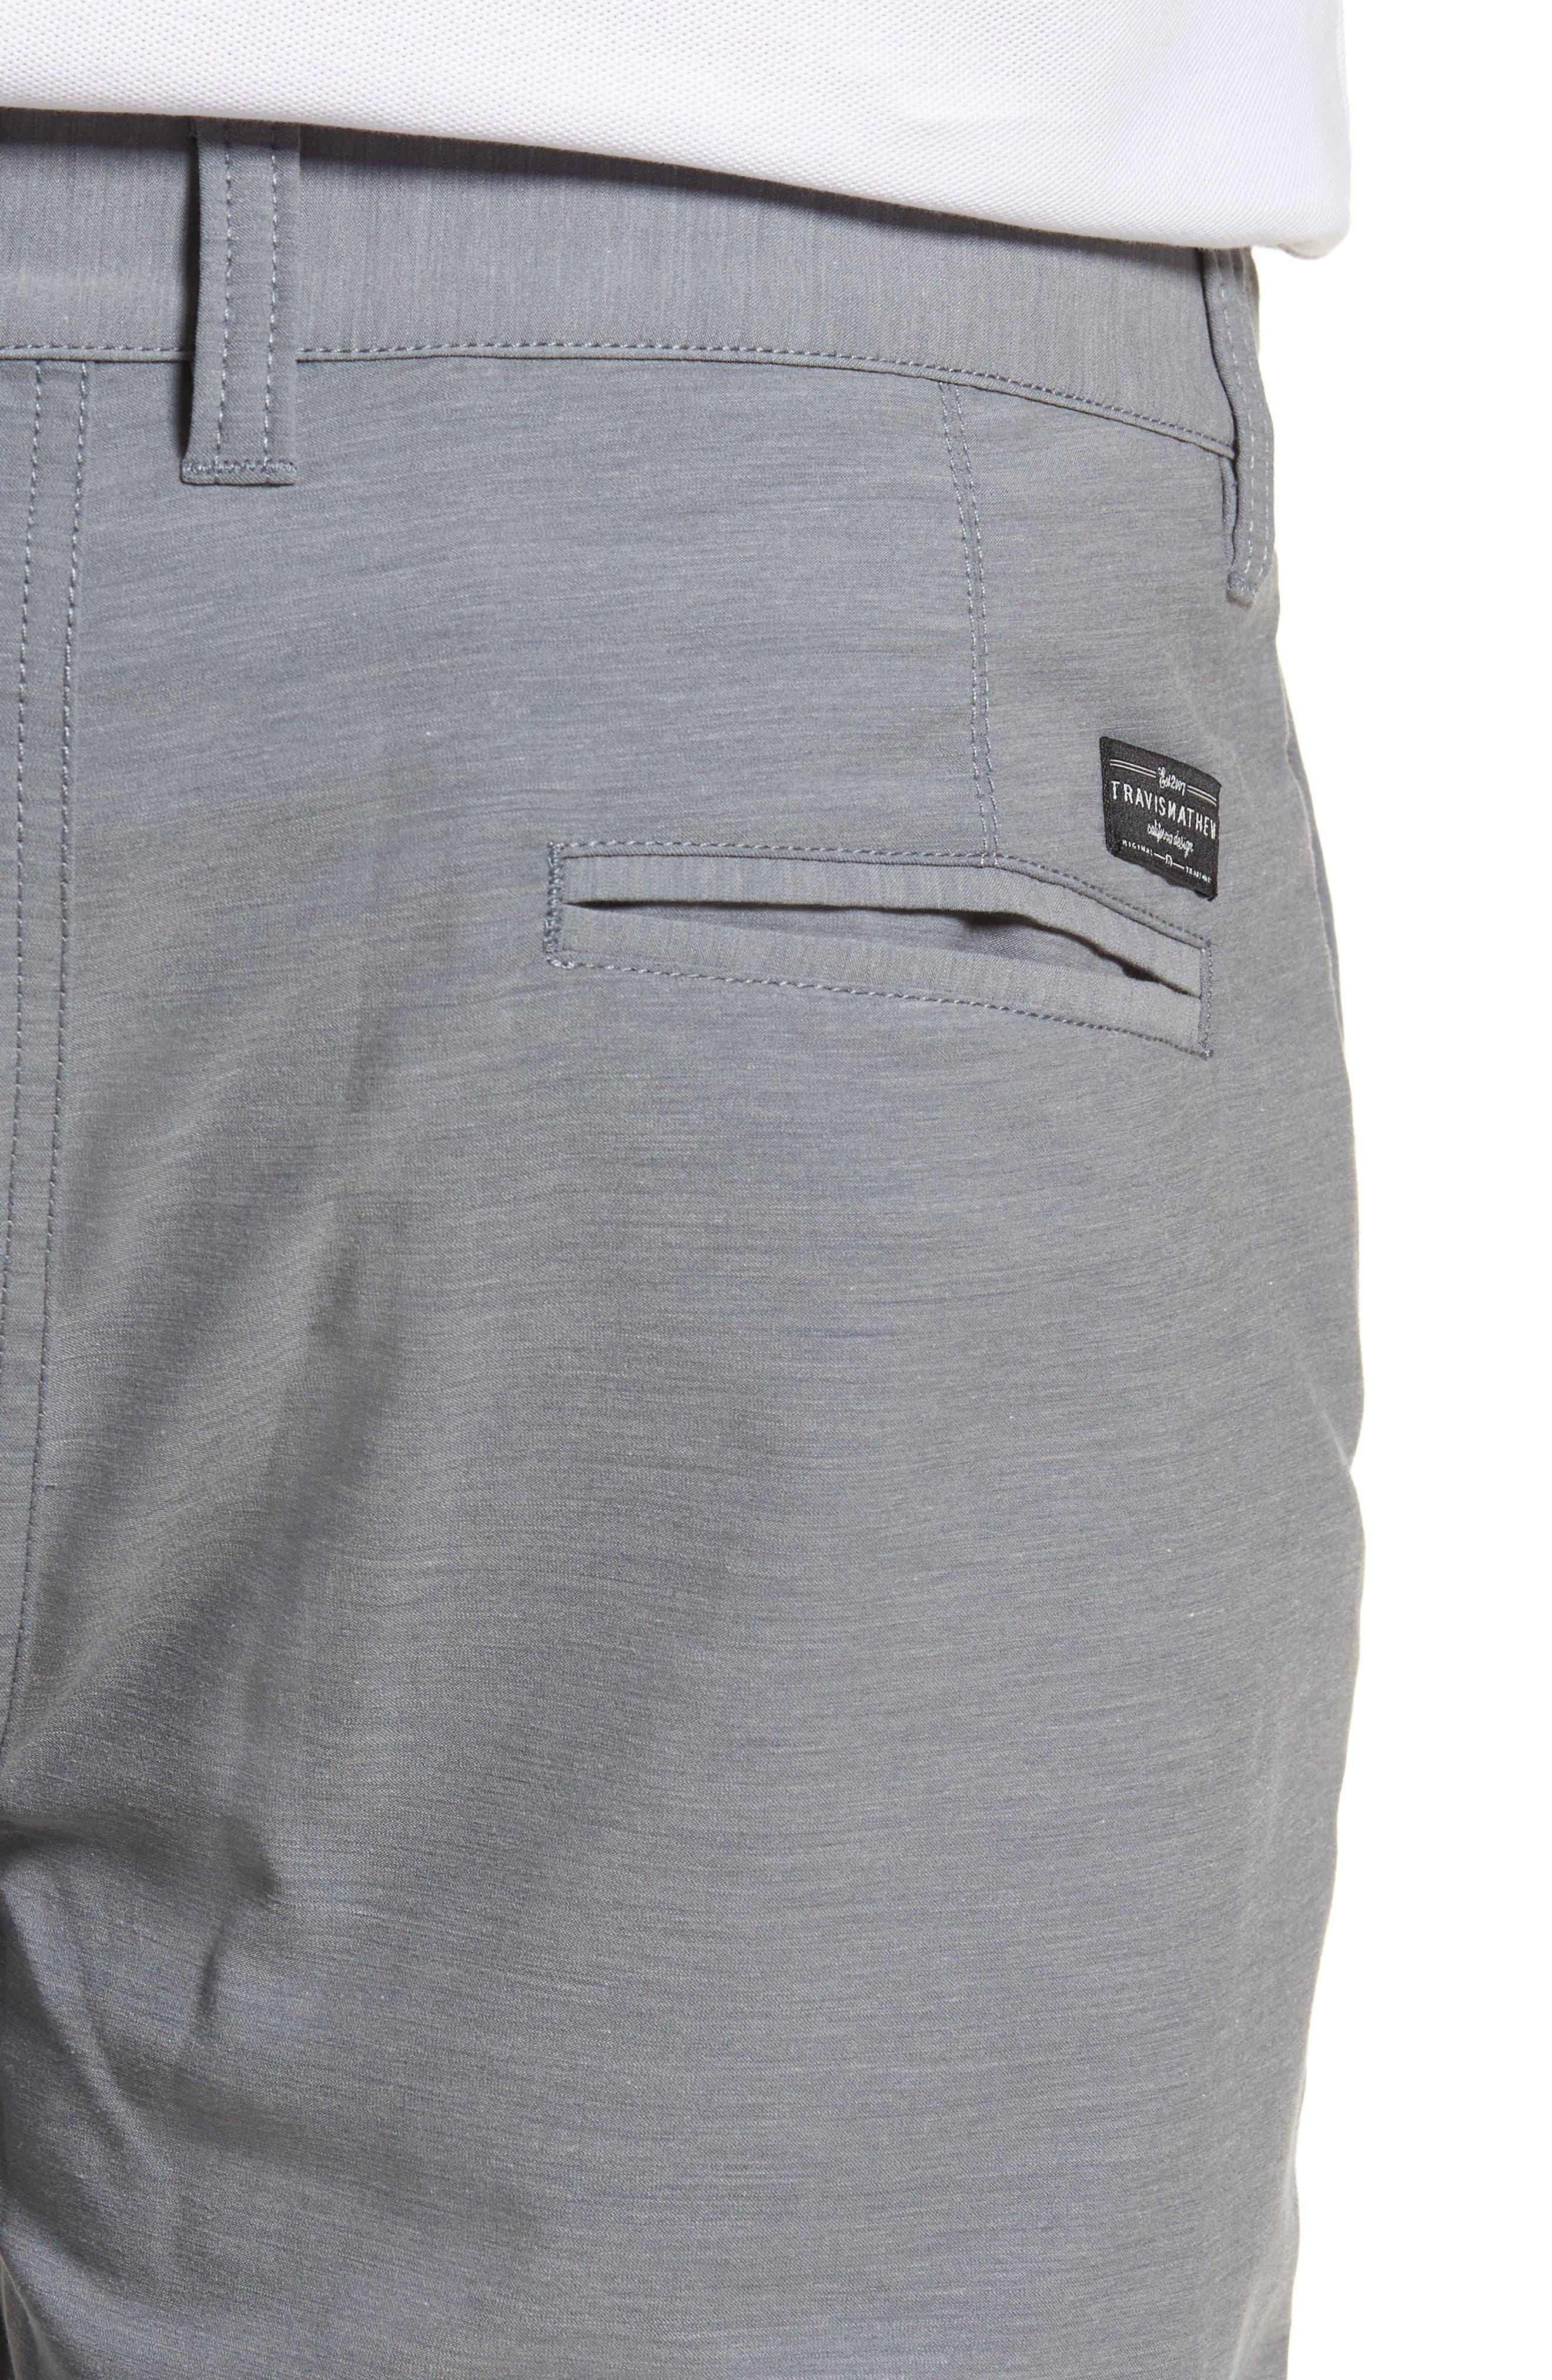 La Paz Regular Fit Slub Knit Shorts,                             Alternate thumbnail 4, color,                             Sharkskin